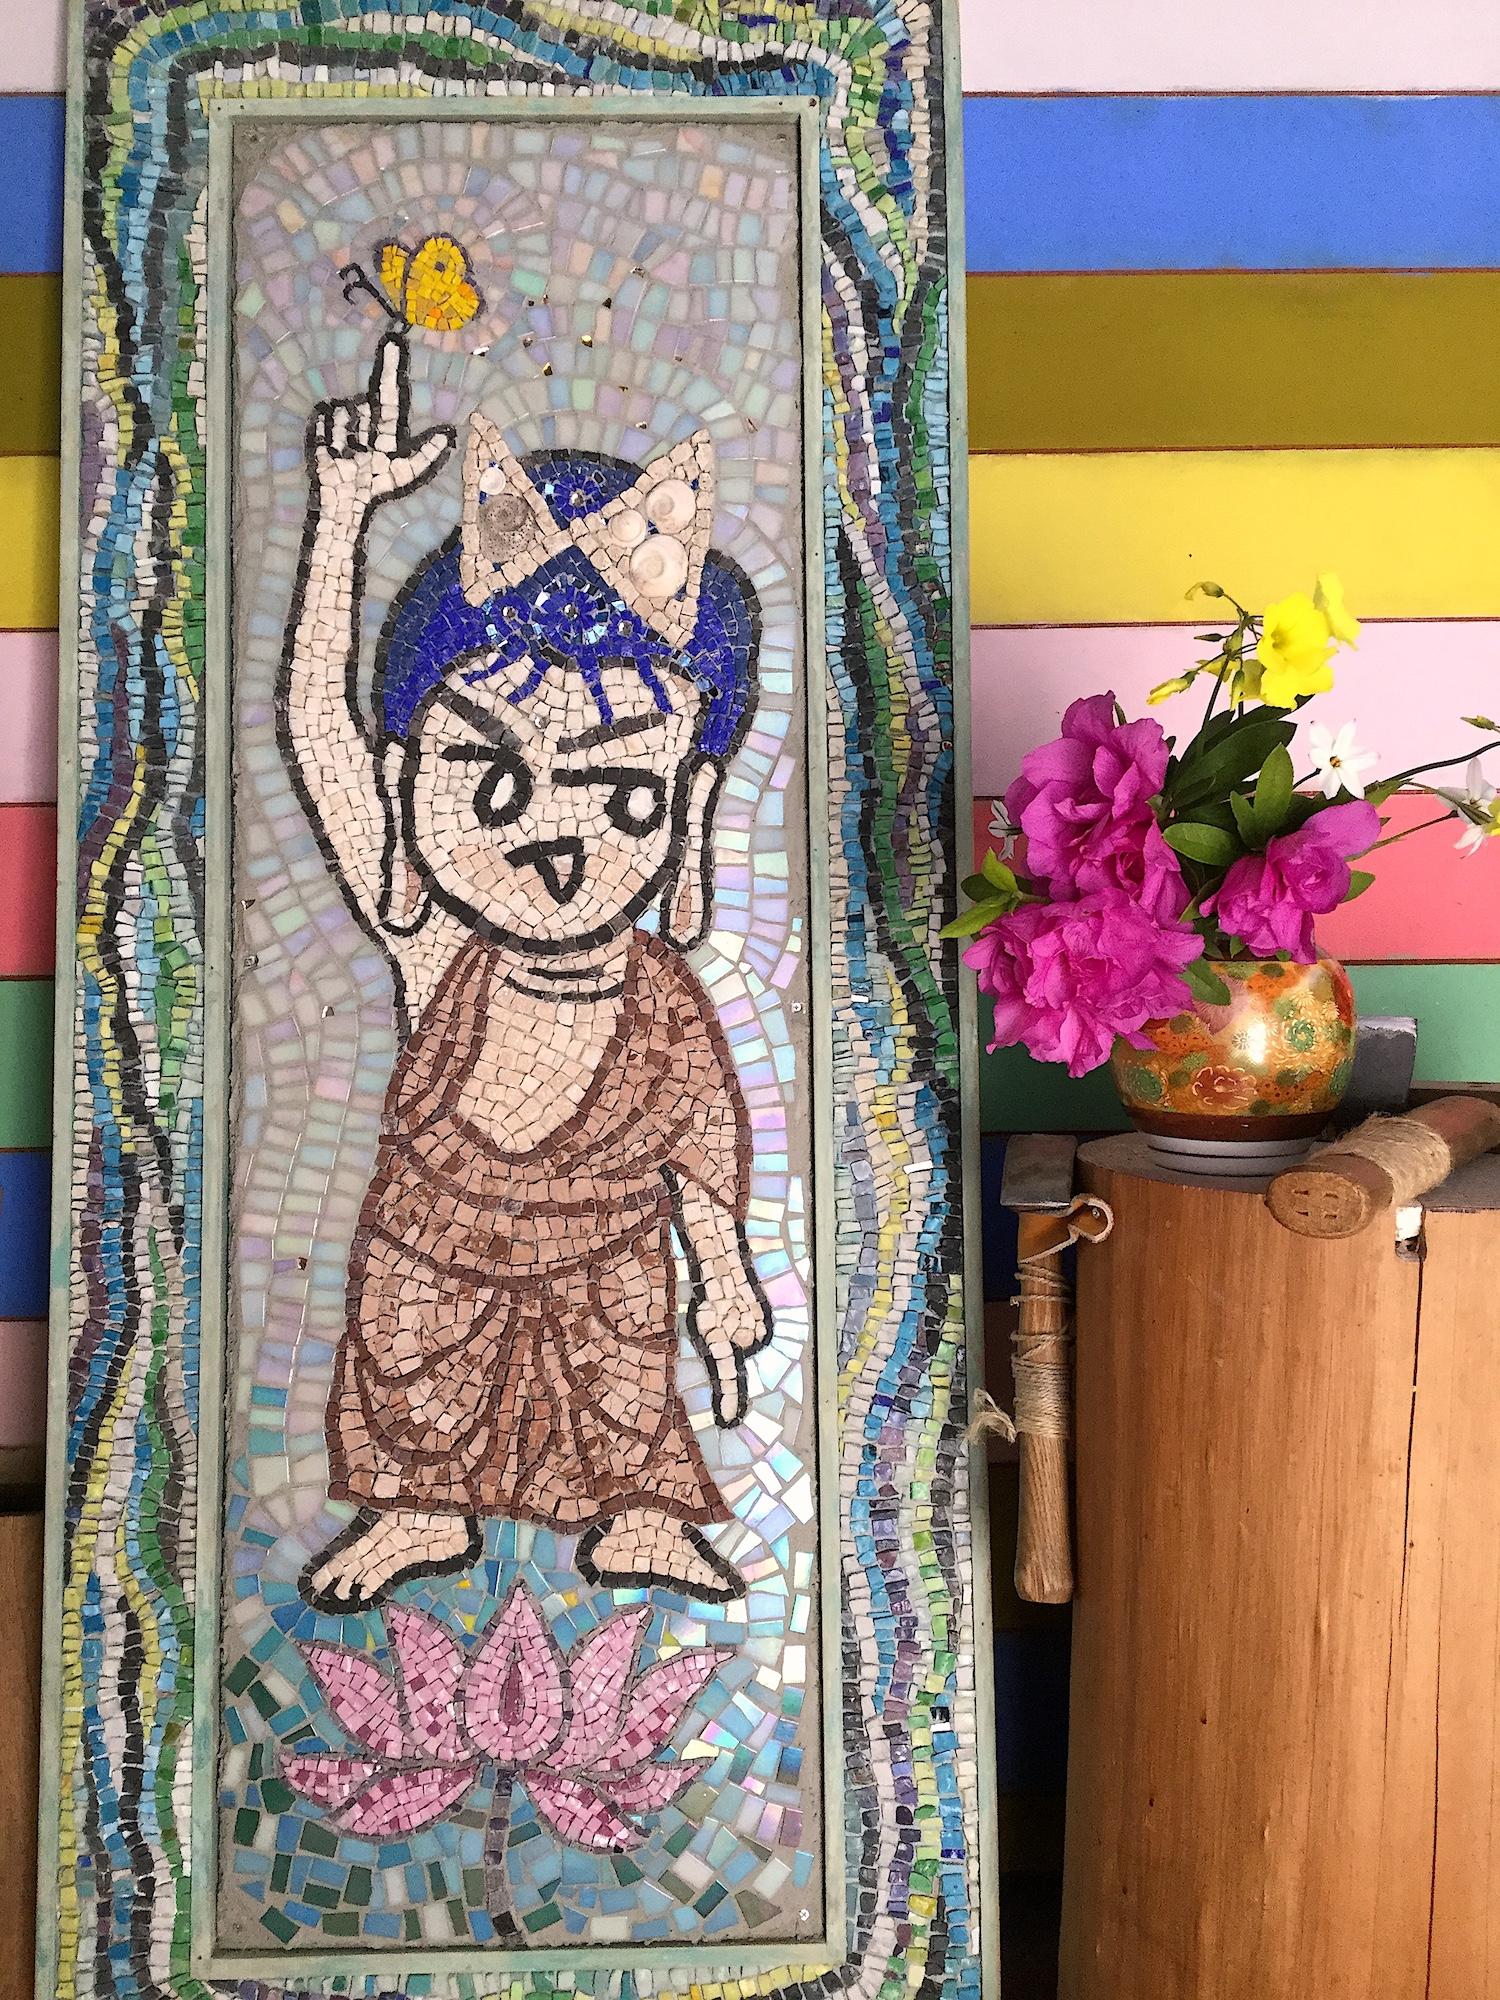 花まつり 仏陀アート 天上天下唯我独尊 モザイクアート